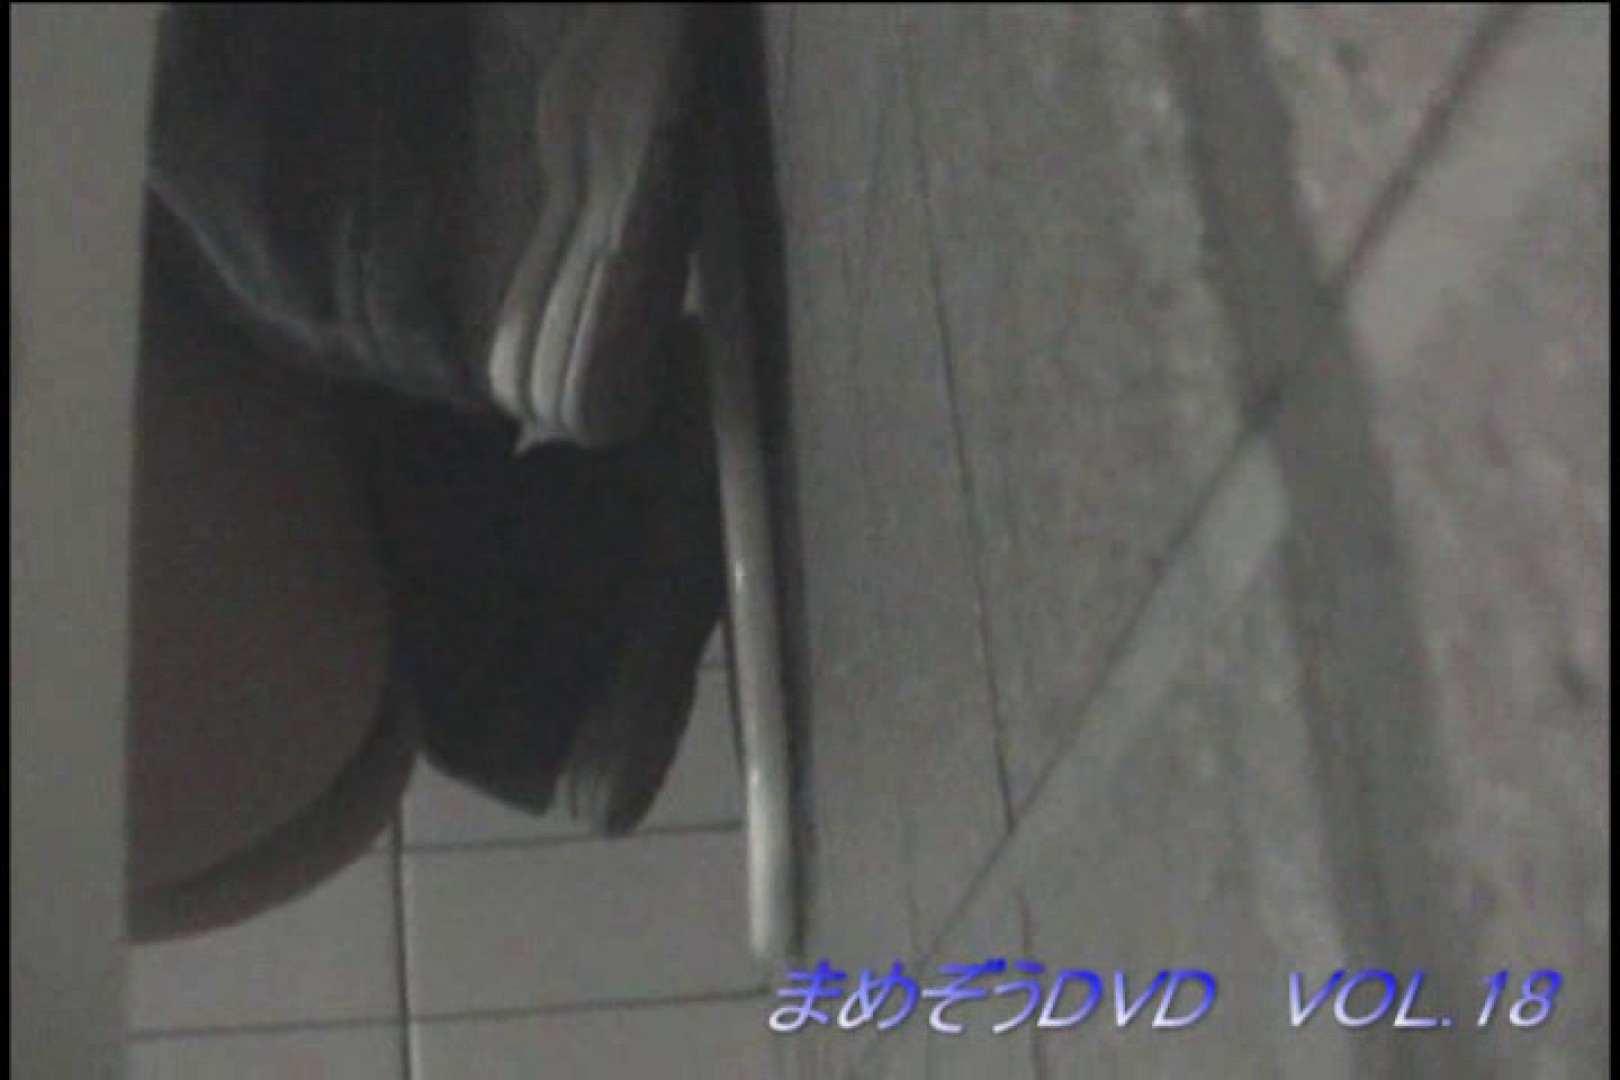 まめぞうDVD完全版VOL.18 ギャル盗撮映像   OLのボディ  76PIX 25